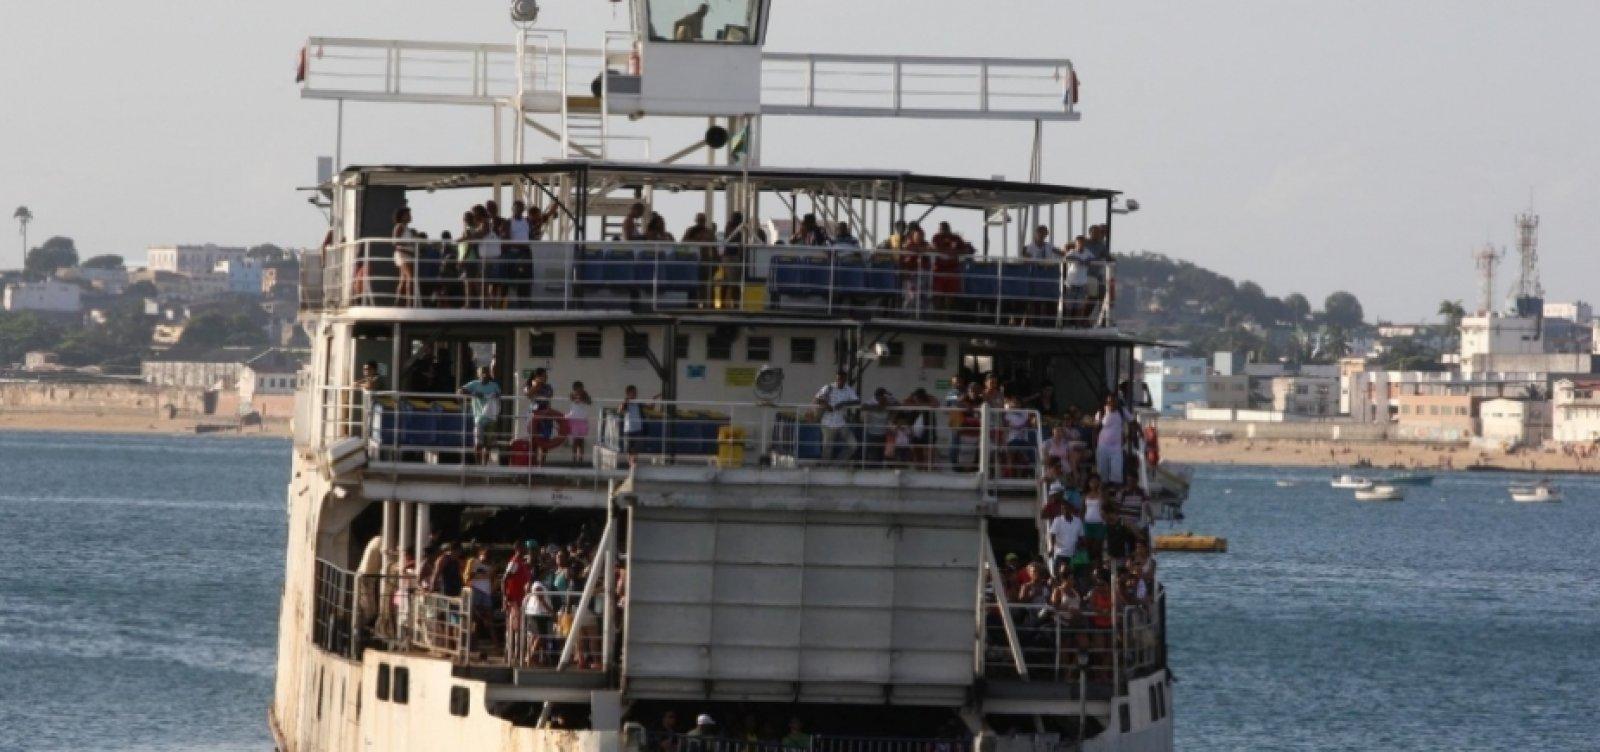 [Ferry-boat: tempo de espera para veículos chega a duas horas em São Joaquim]